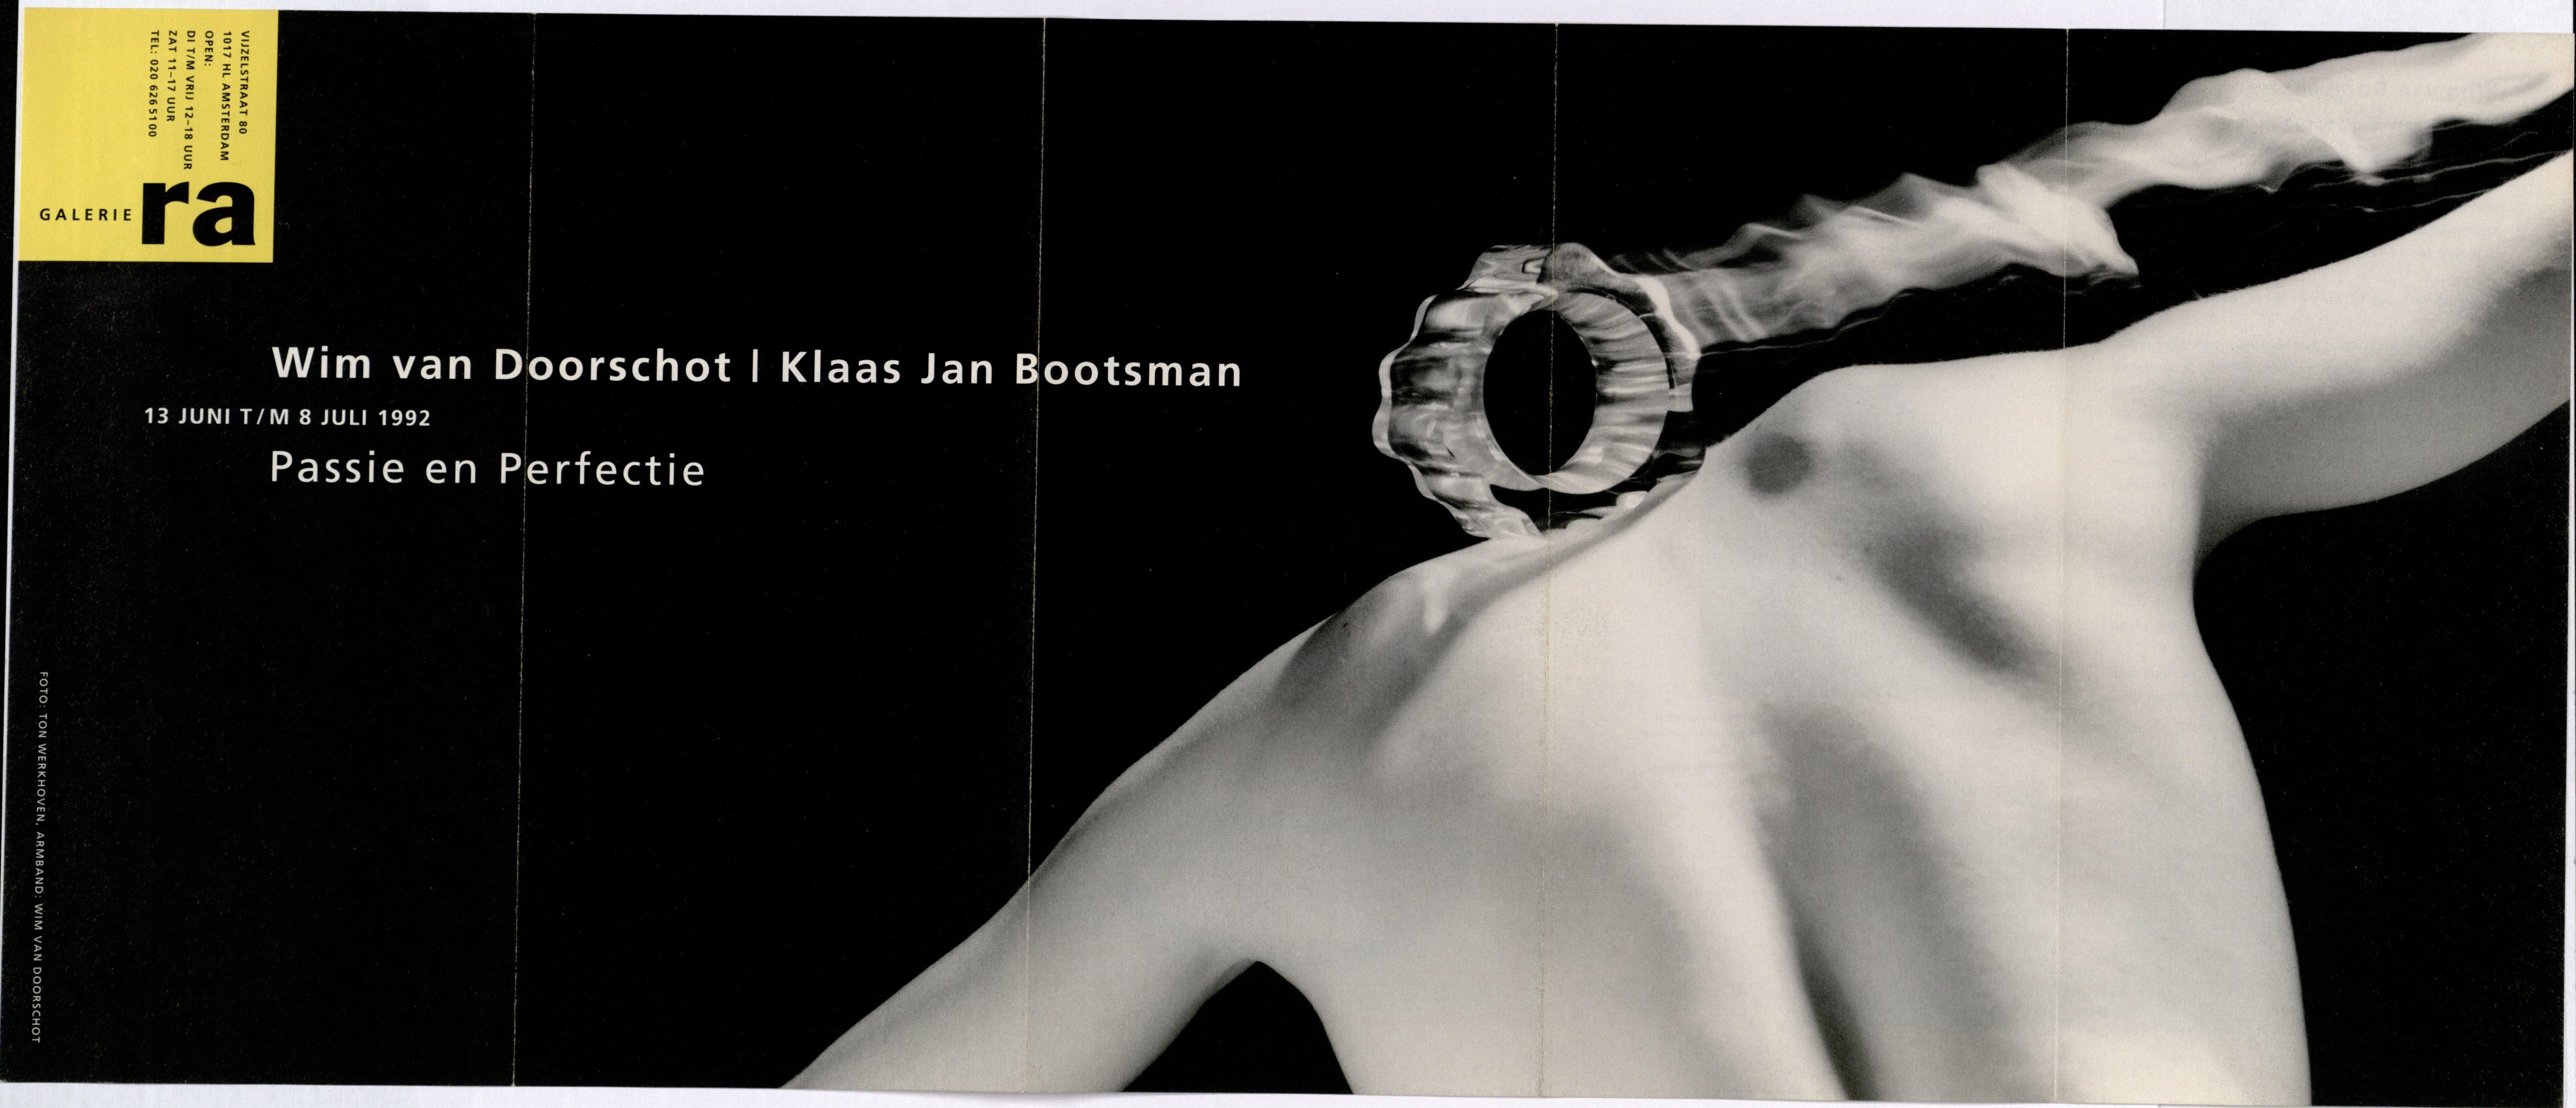 Ra Bulletin 67, juni 1992, voorzijde met foto van Ton Werkhoven, met armband van Wim van Doorschodt, drukwerk, papier, acrylaat